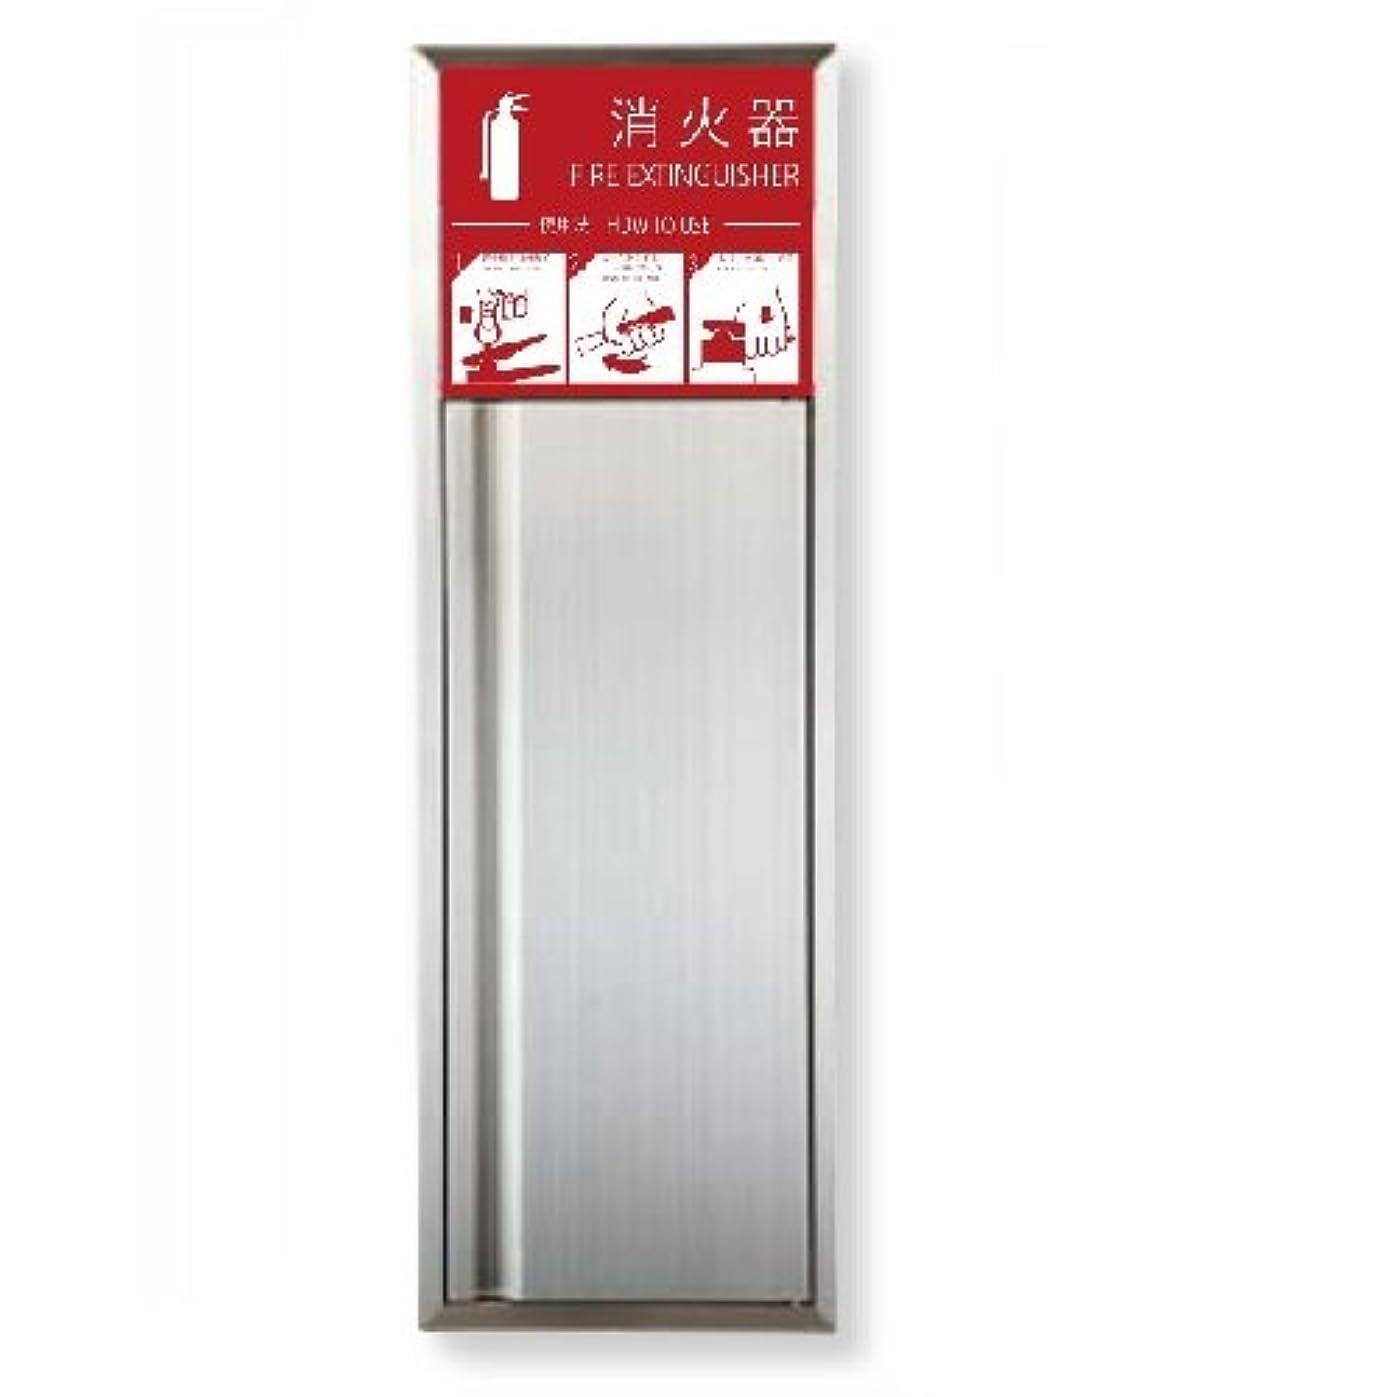 イタリック西協力的満点商会 消火器ボックス 全埋込型扉付 MHVD-STL-P2 ステンレス